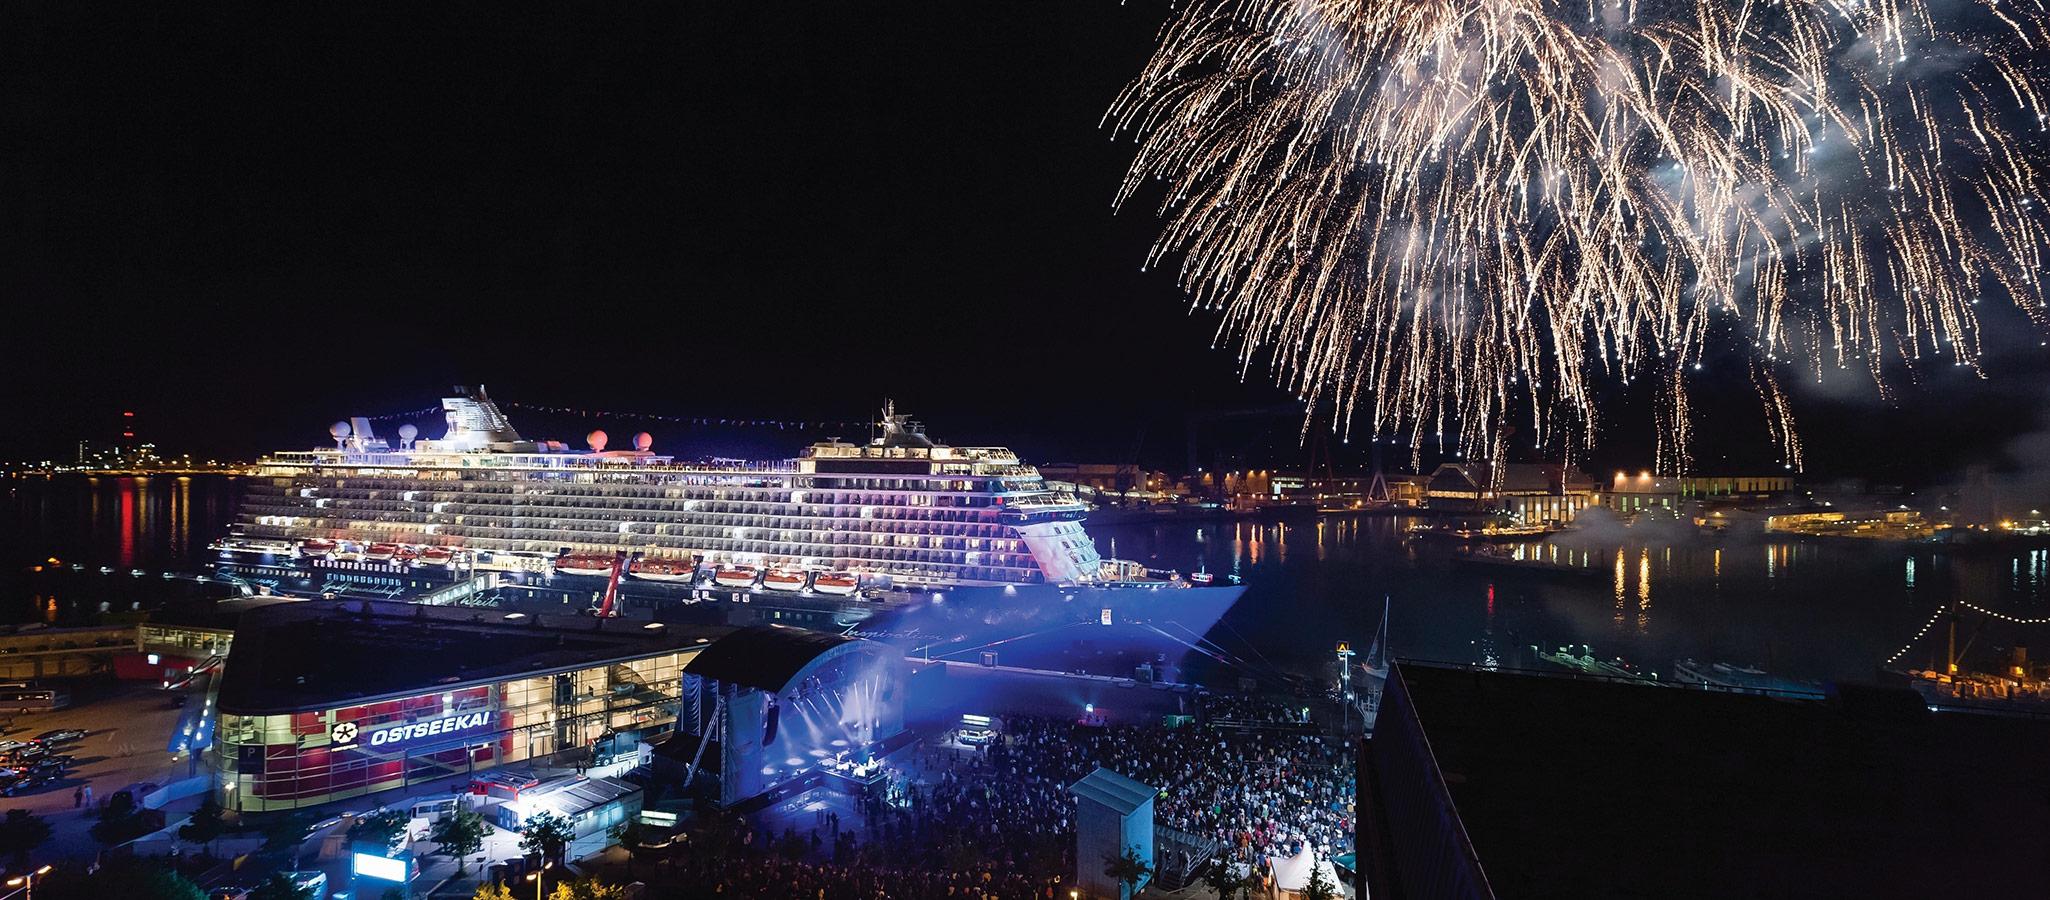 Kreuzfahrtschiffe stellen in jedem Hafen den spektakulären Rahmen für erinnerungswürdige Galas, Parties oder Social Events.